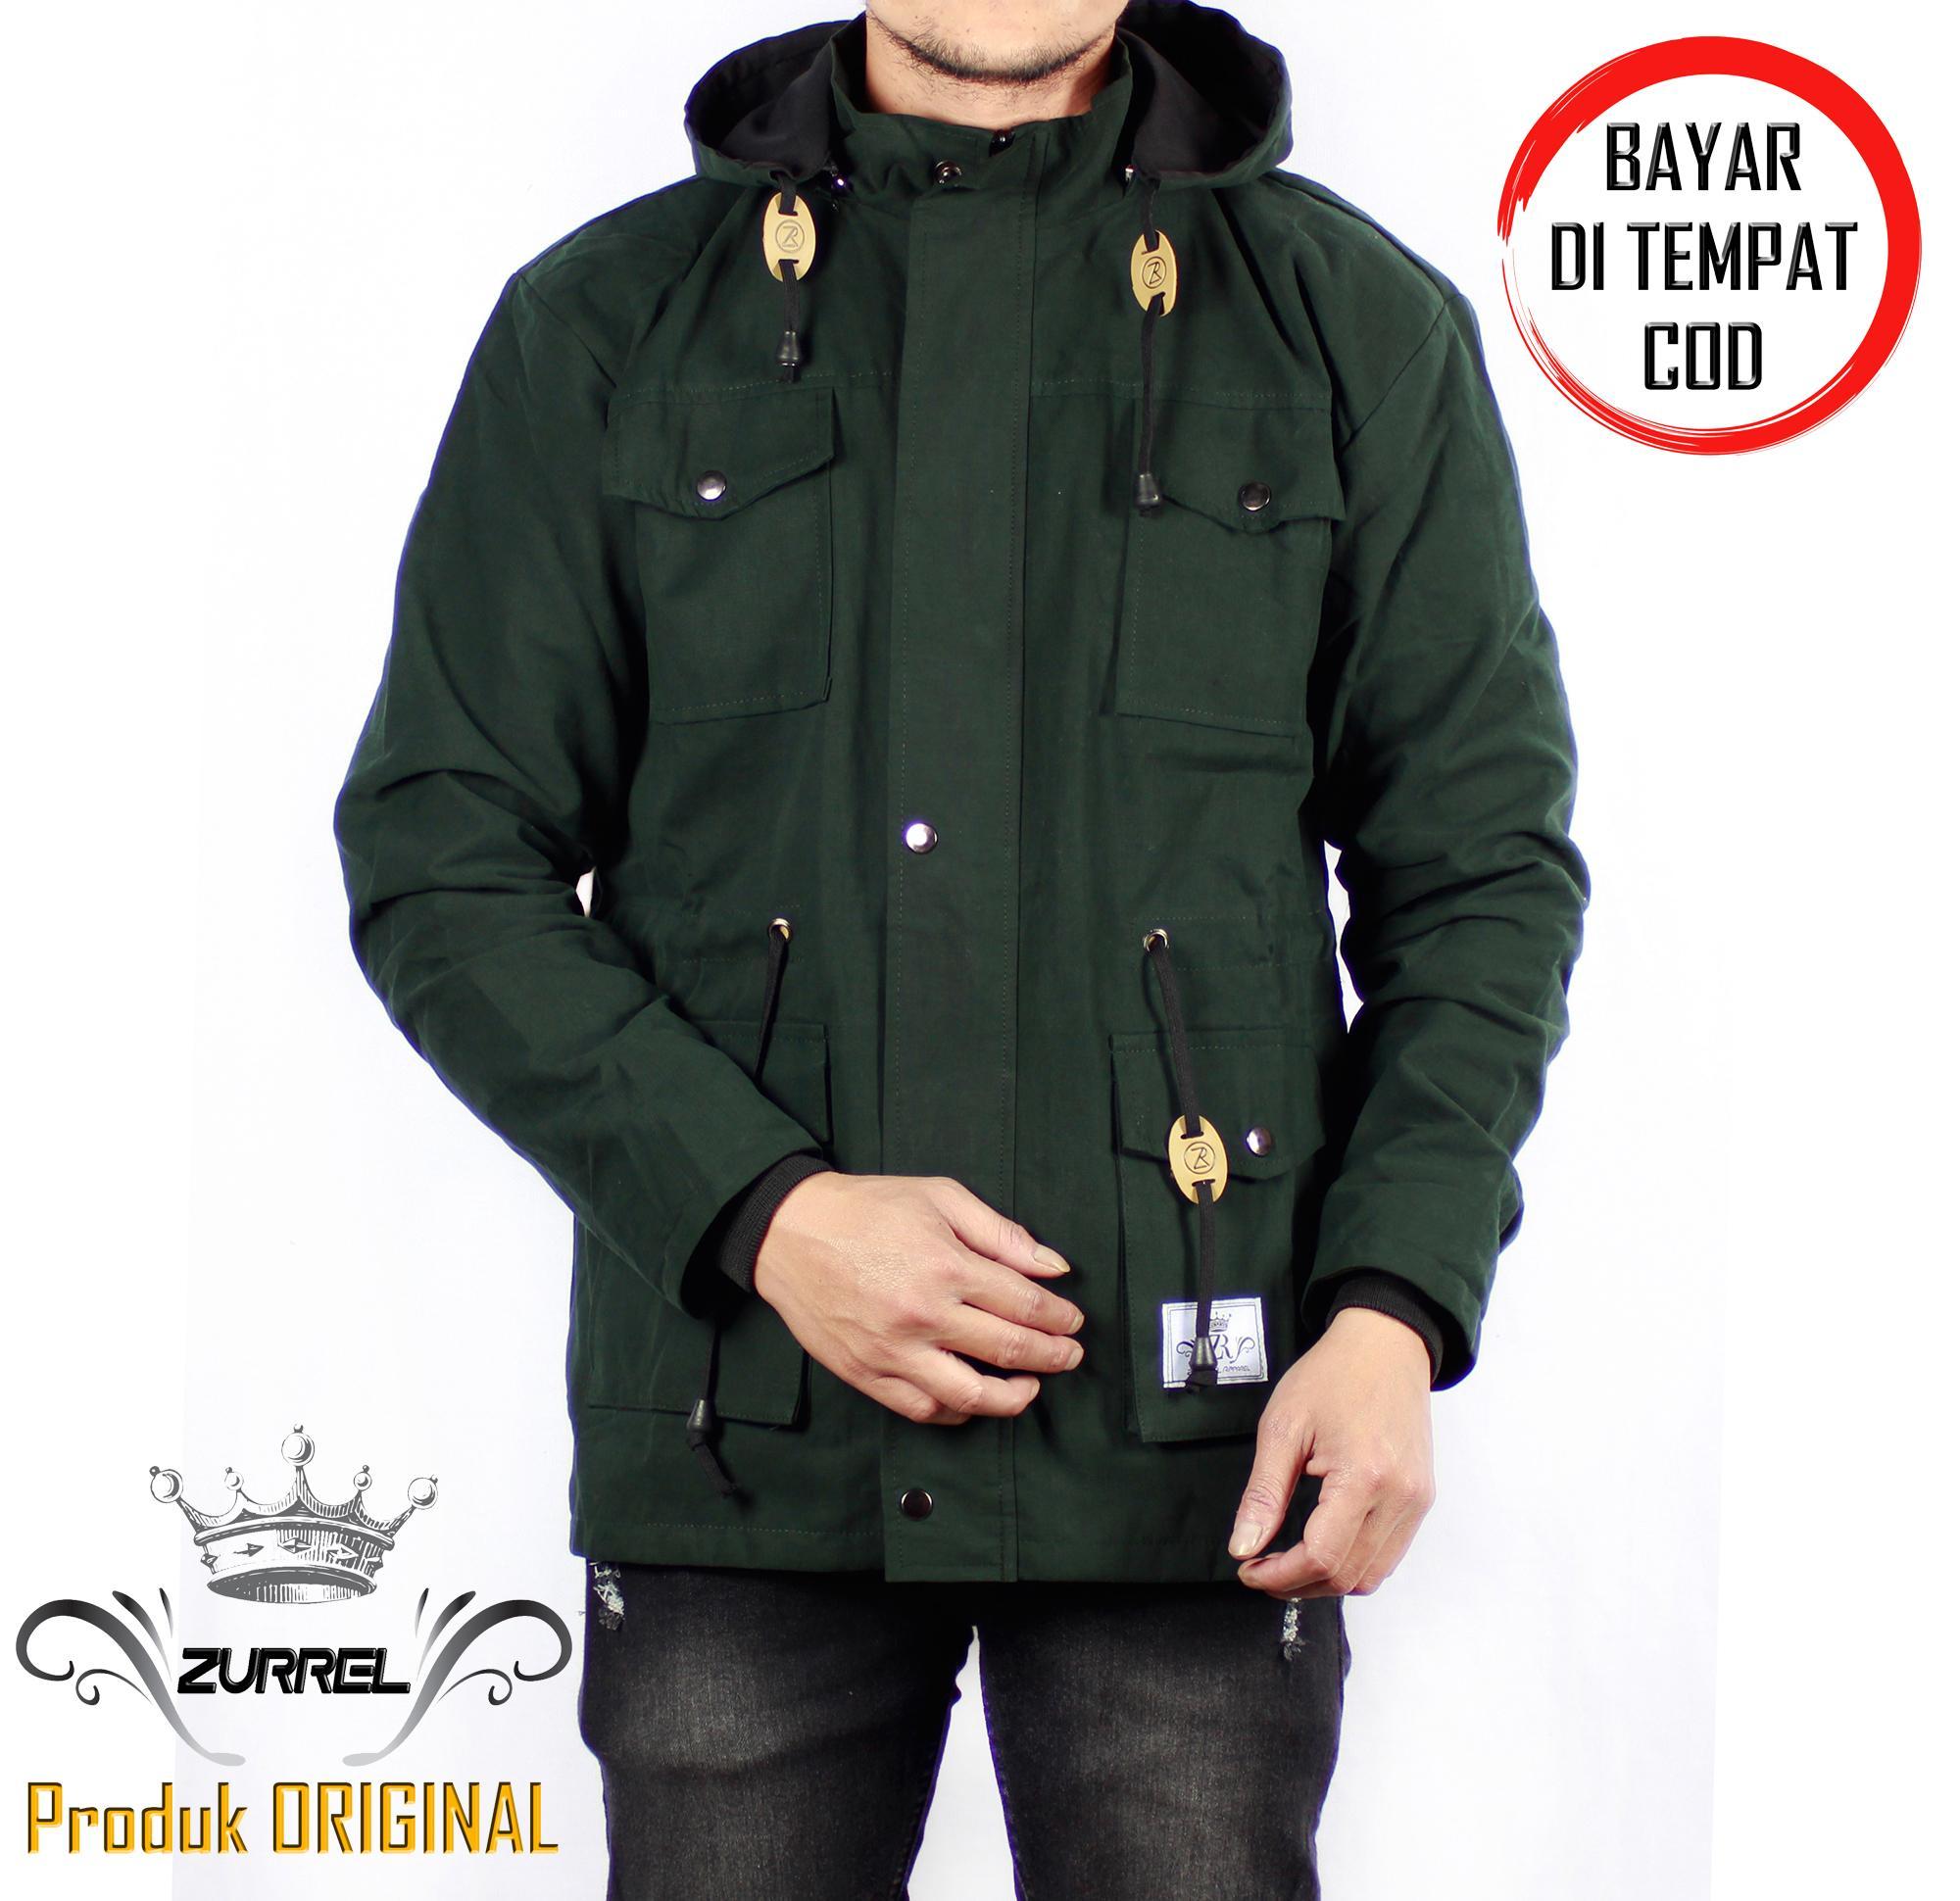 Jaket Parka Canvas Premium Zurrel Green  BAYAR DI TEMPAT COD  42f7d6fa6c